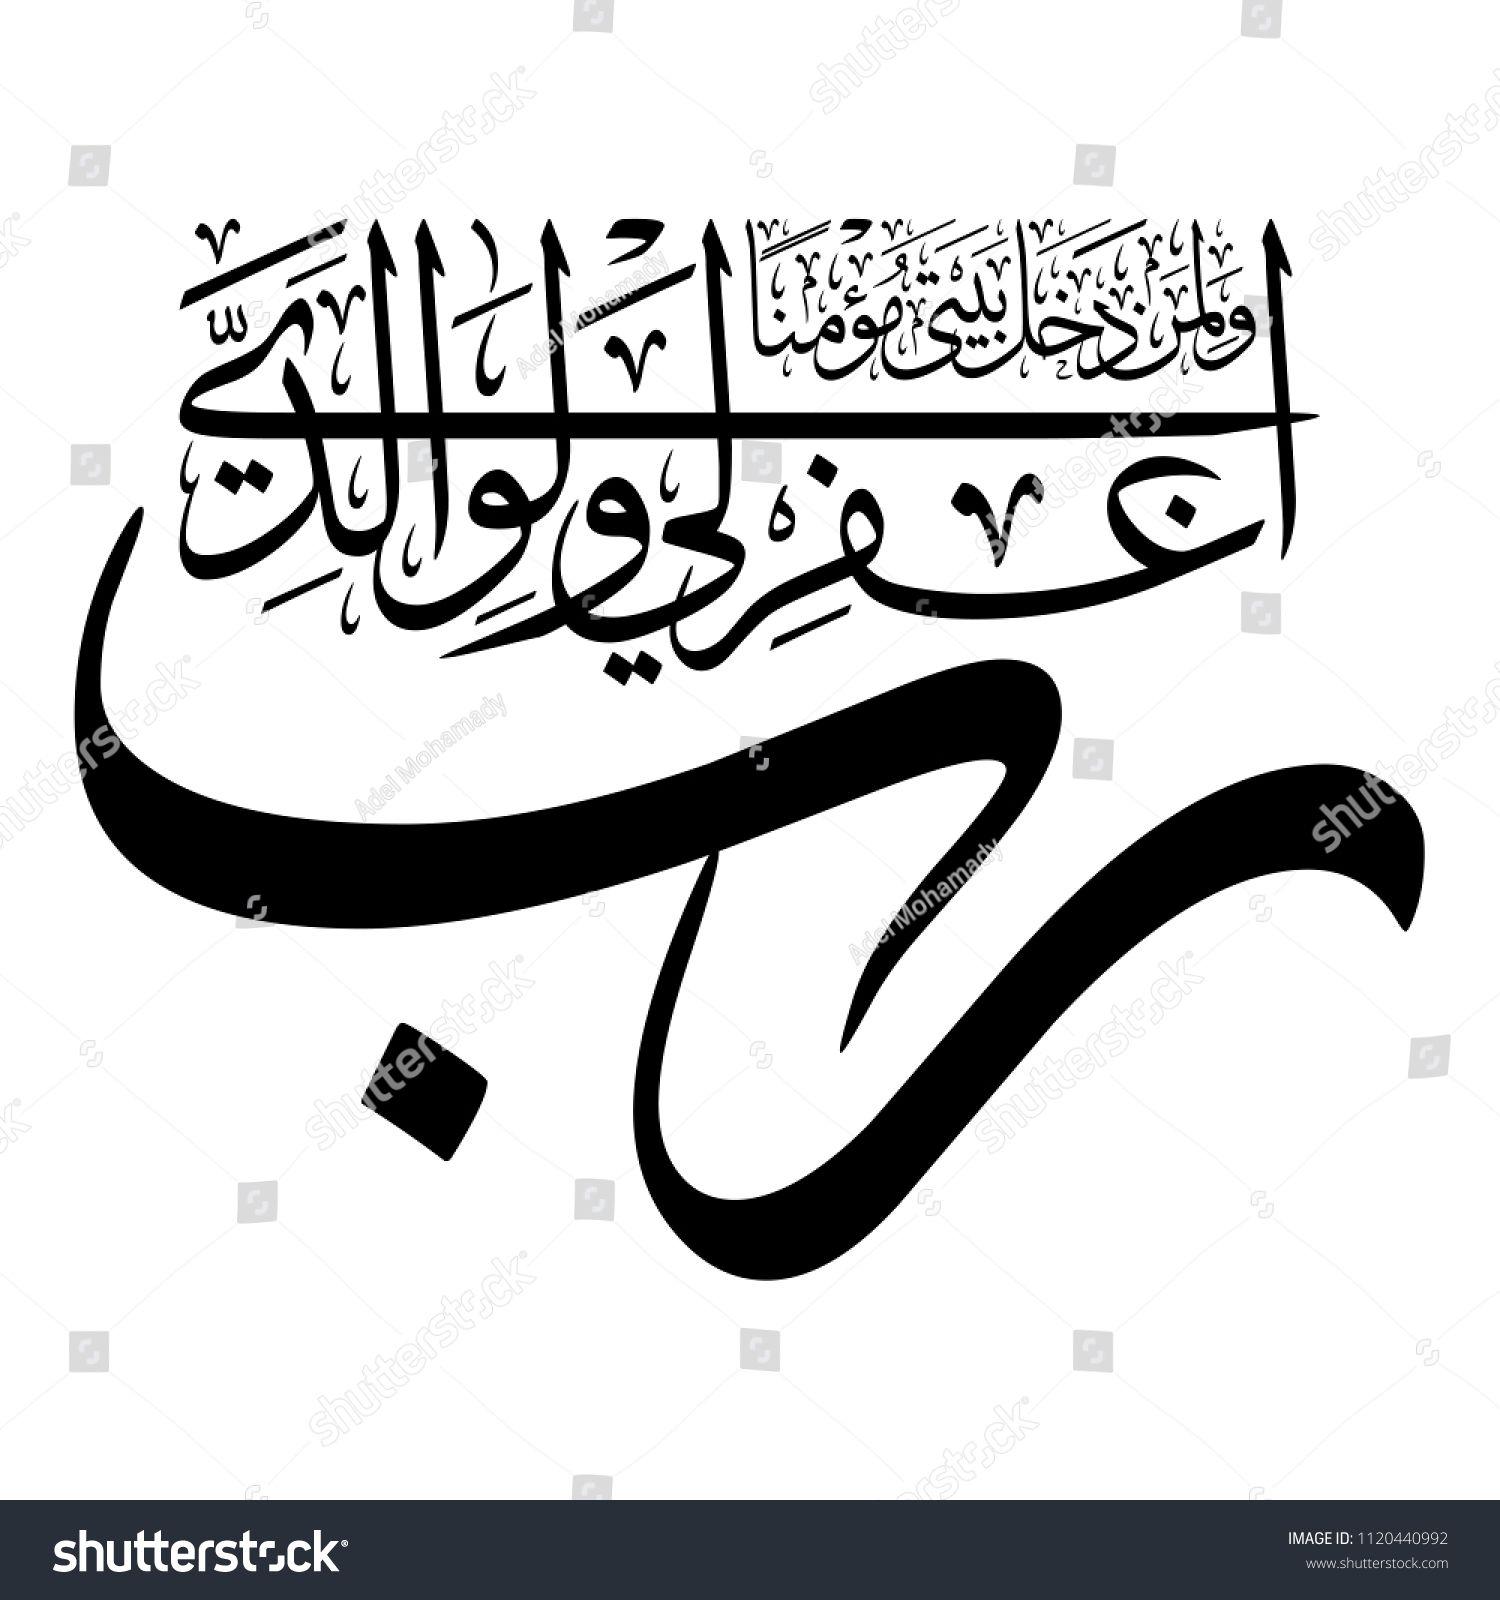 رب إغفر لي ولوالدي ولمن دخل بيتي مؤمنا Islamic Art Calligraphy Islamic Caligraphy Art Caligraphy Art